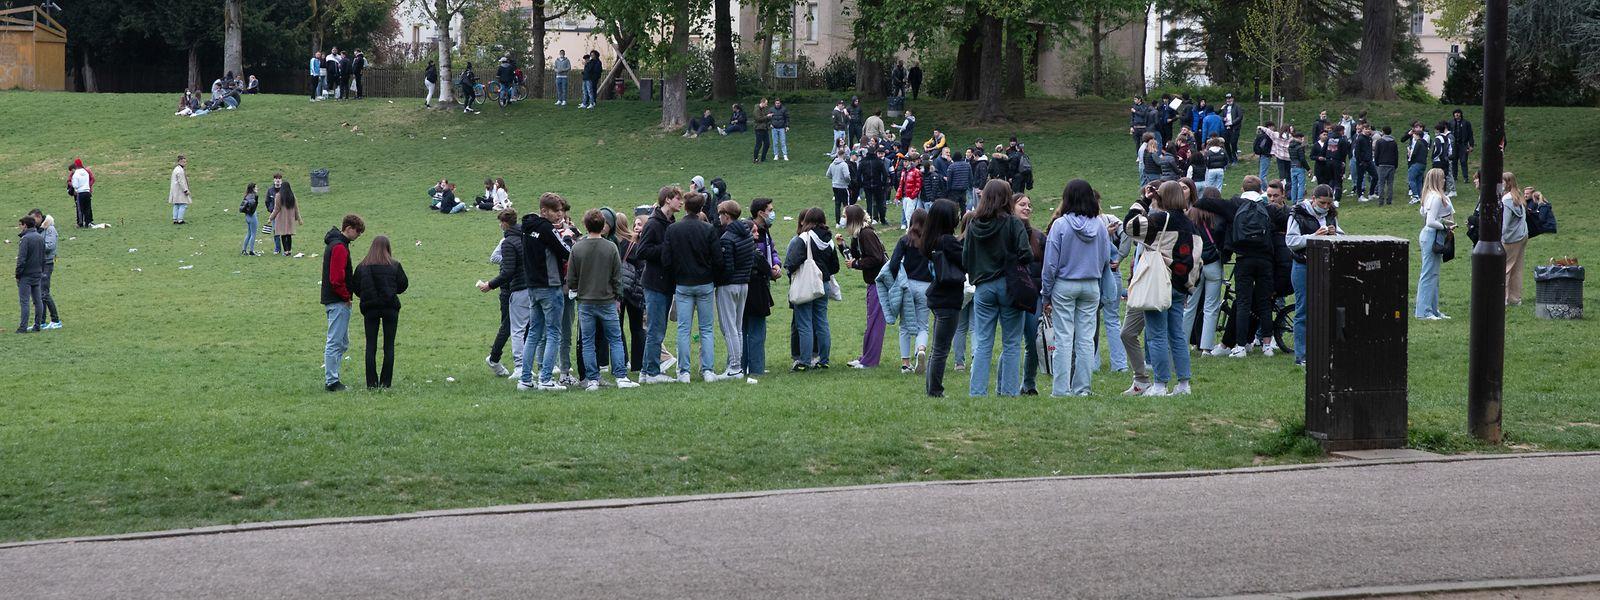 Jugendliche am Freitag auf der Kinnekswiss.